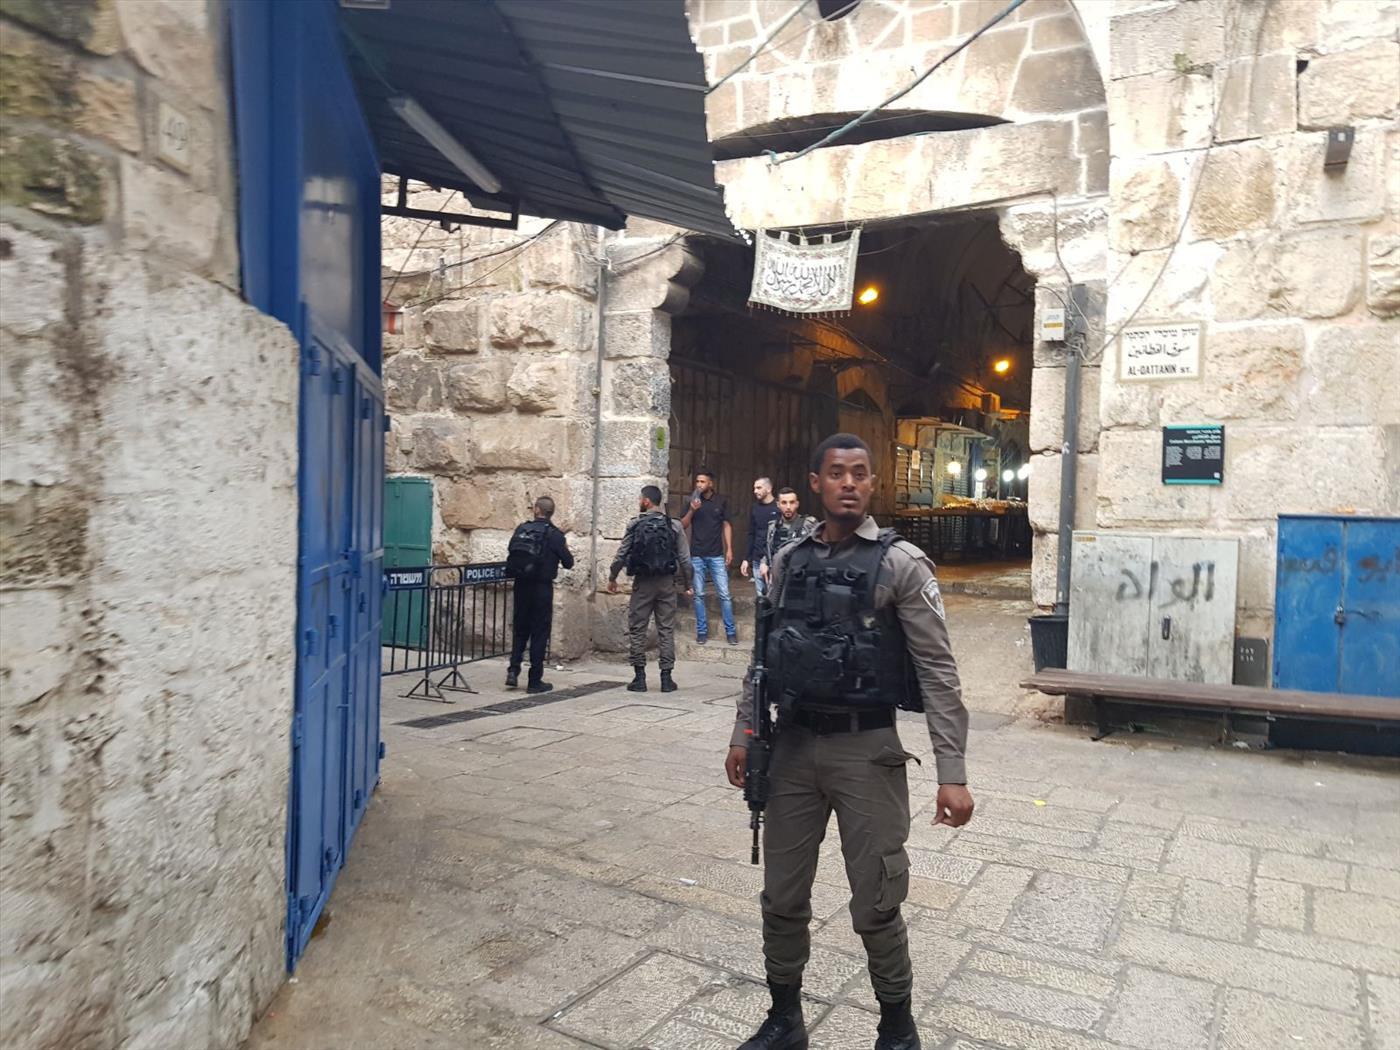 שוטרים בעיר העתיקה לאחר פיגוע. ארכיון (TPS)